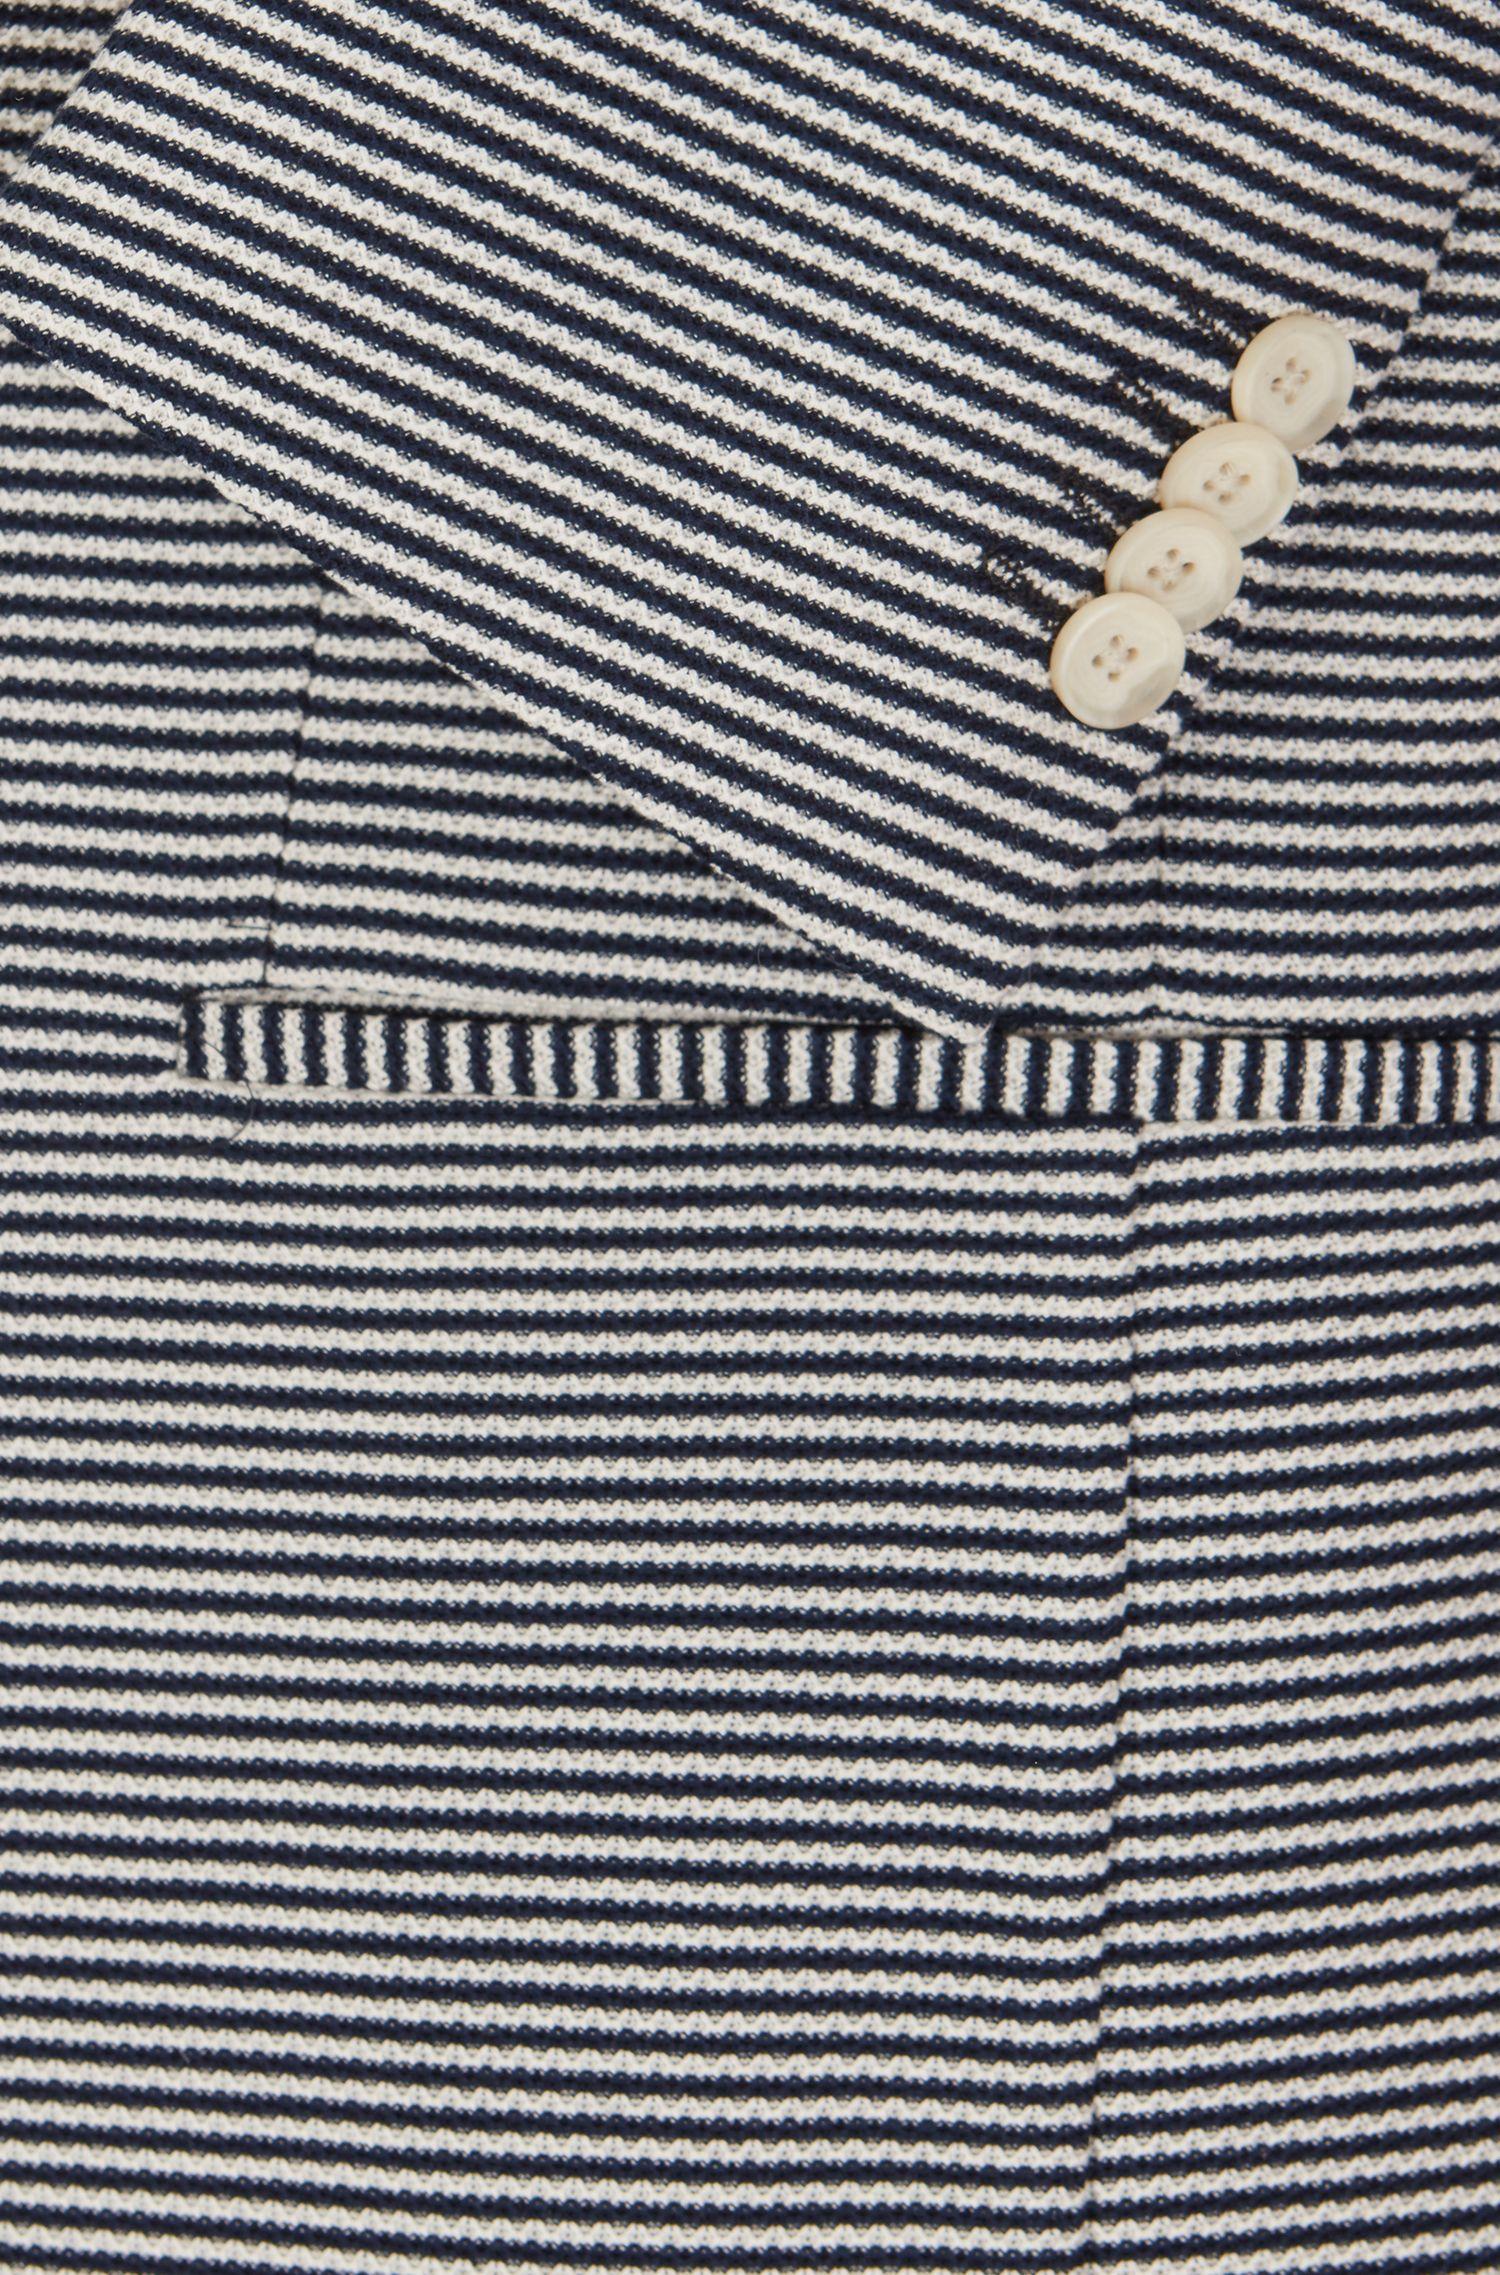 Giacca slim fit in cotone con righe